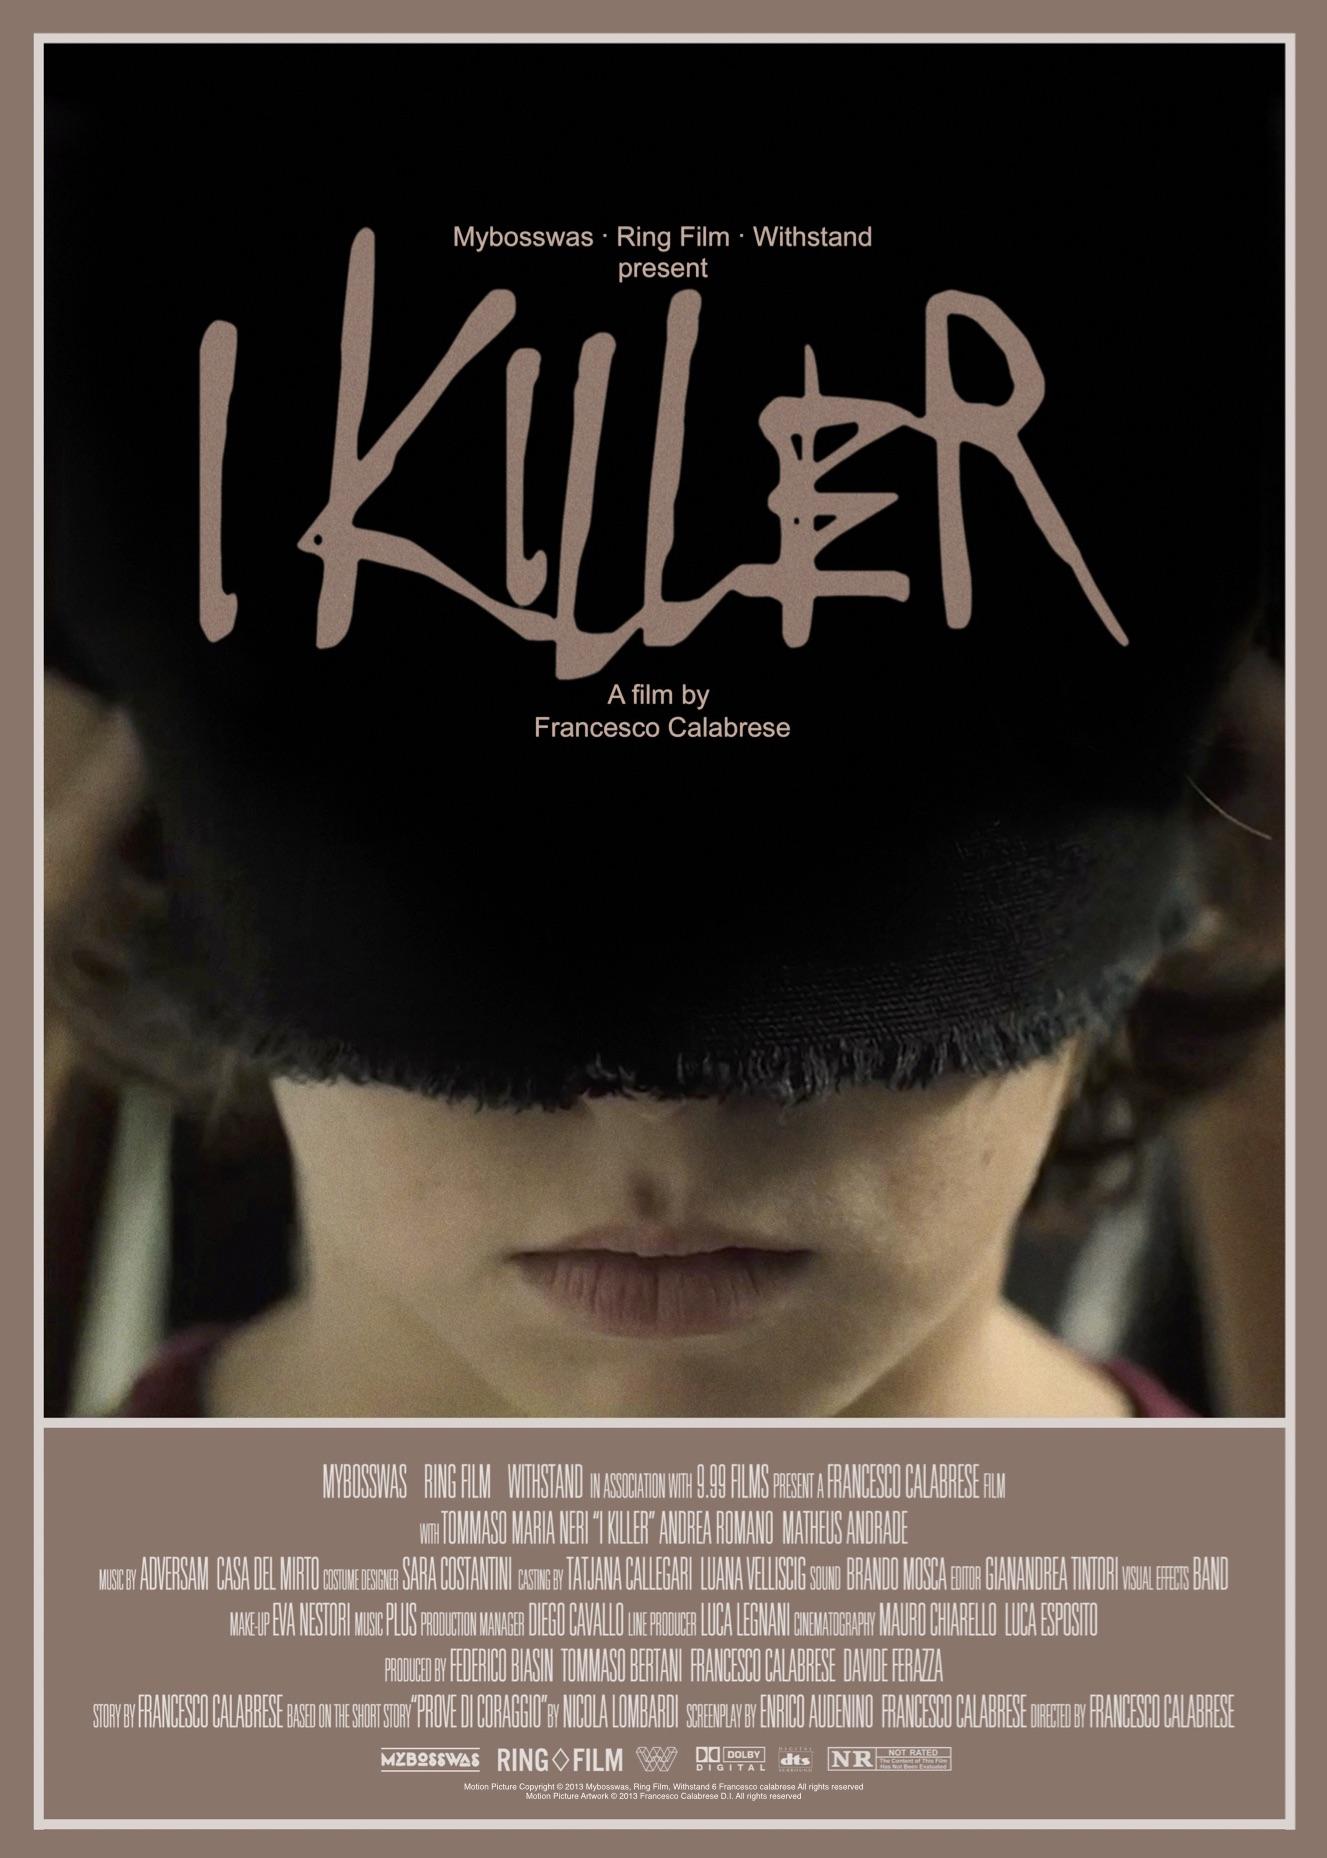 I Killer - Francesco Calabrese - Whitstand